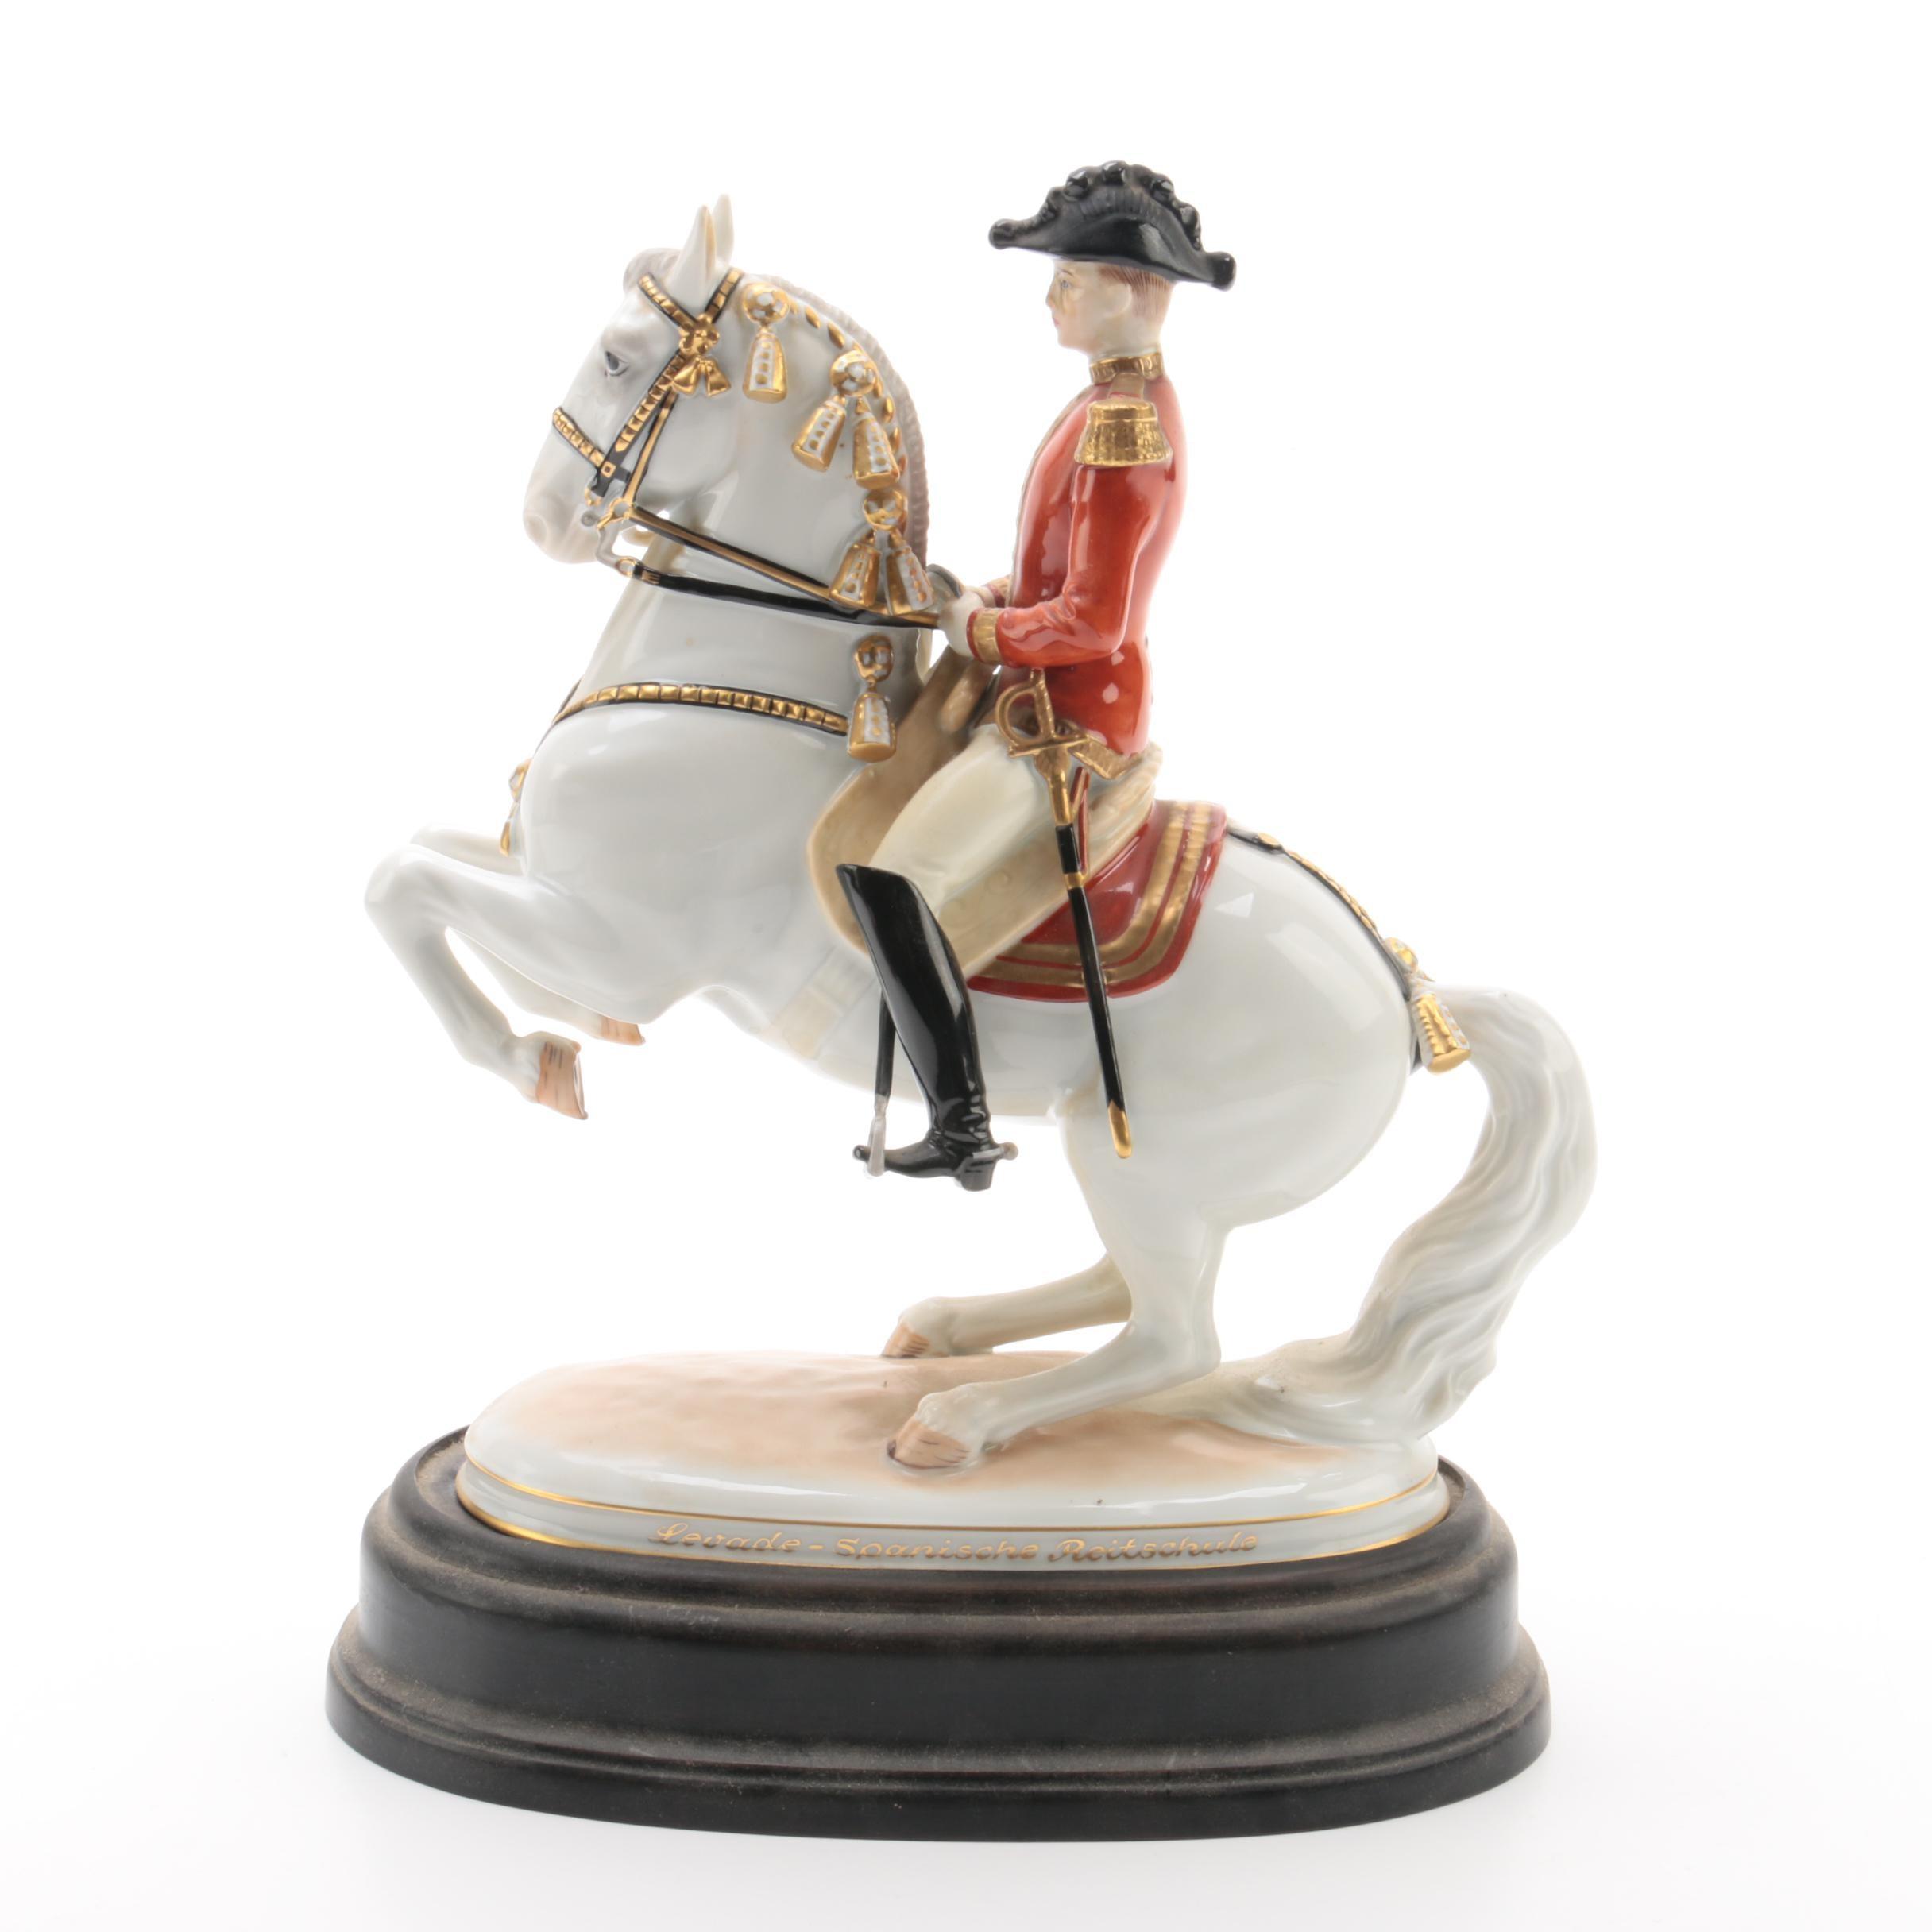 """Augarten Wein """"Levade-Spanische Reitschule"""" Porcelain Equestrian Figurine"""